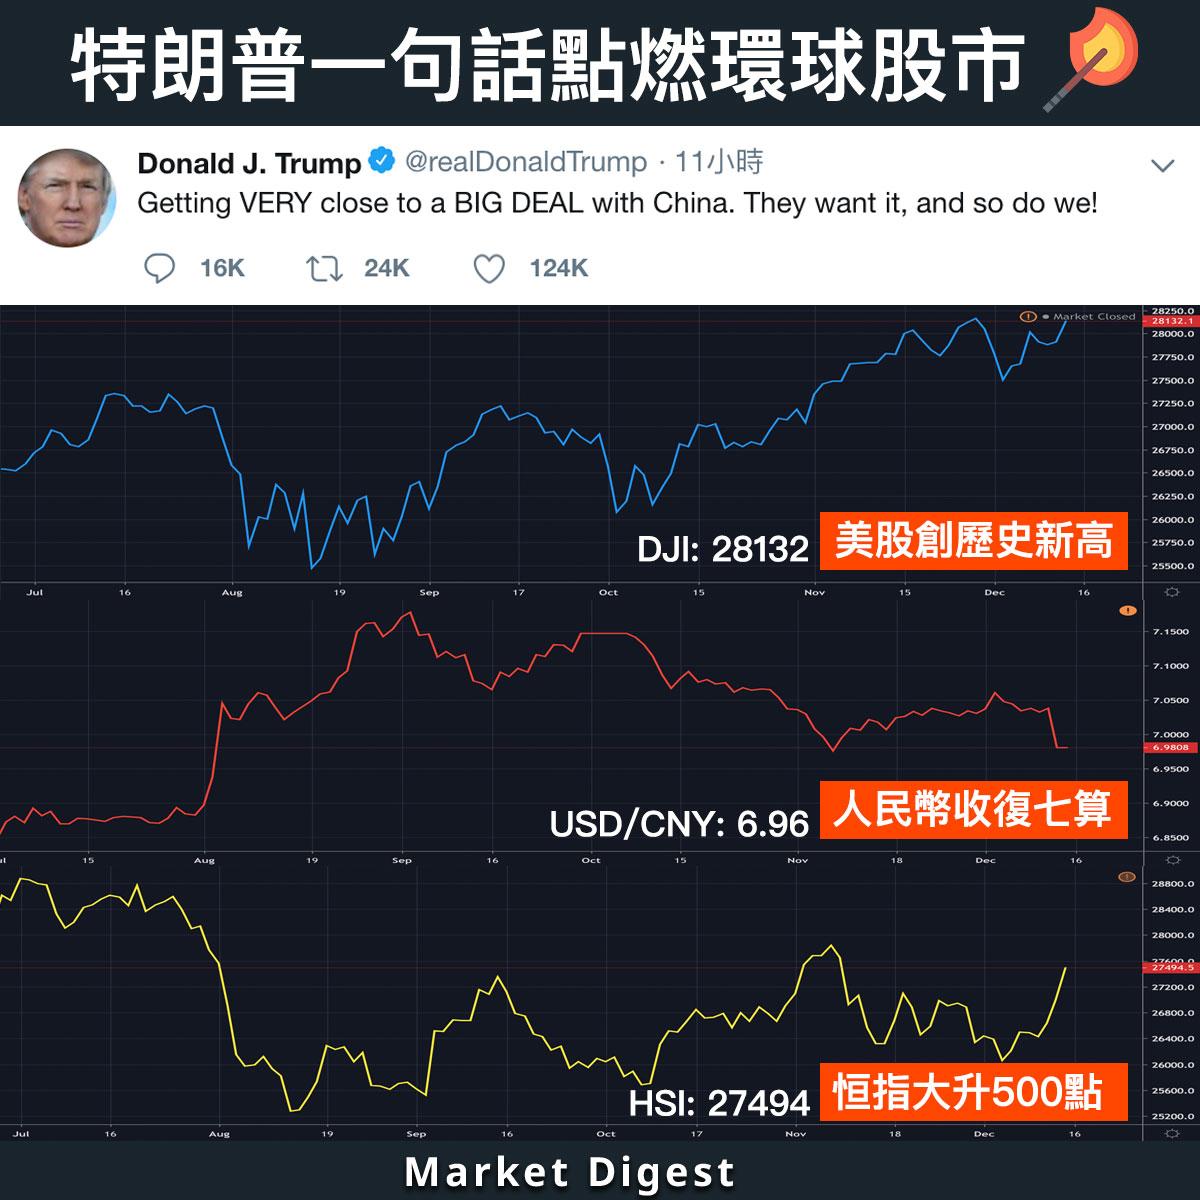 【市場焦點】特朗普一句話點燃環球股市,恒指高開500點